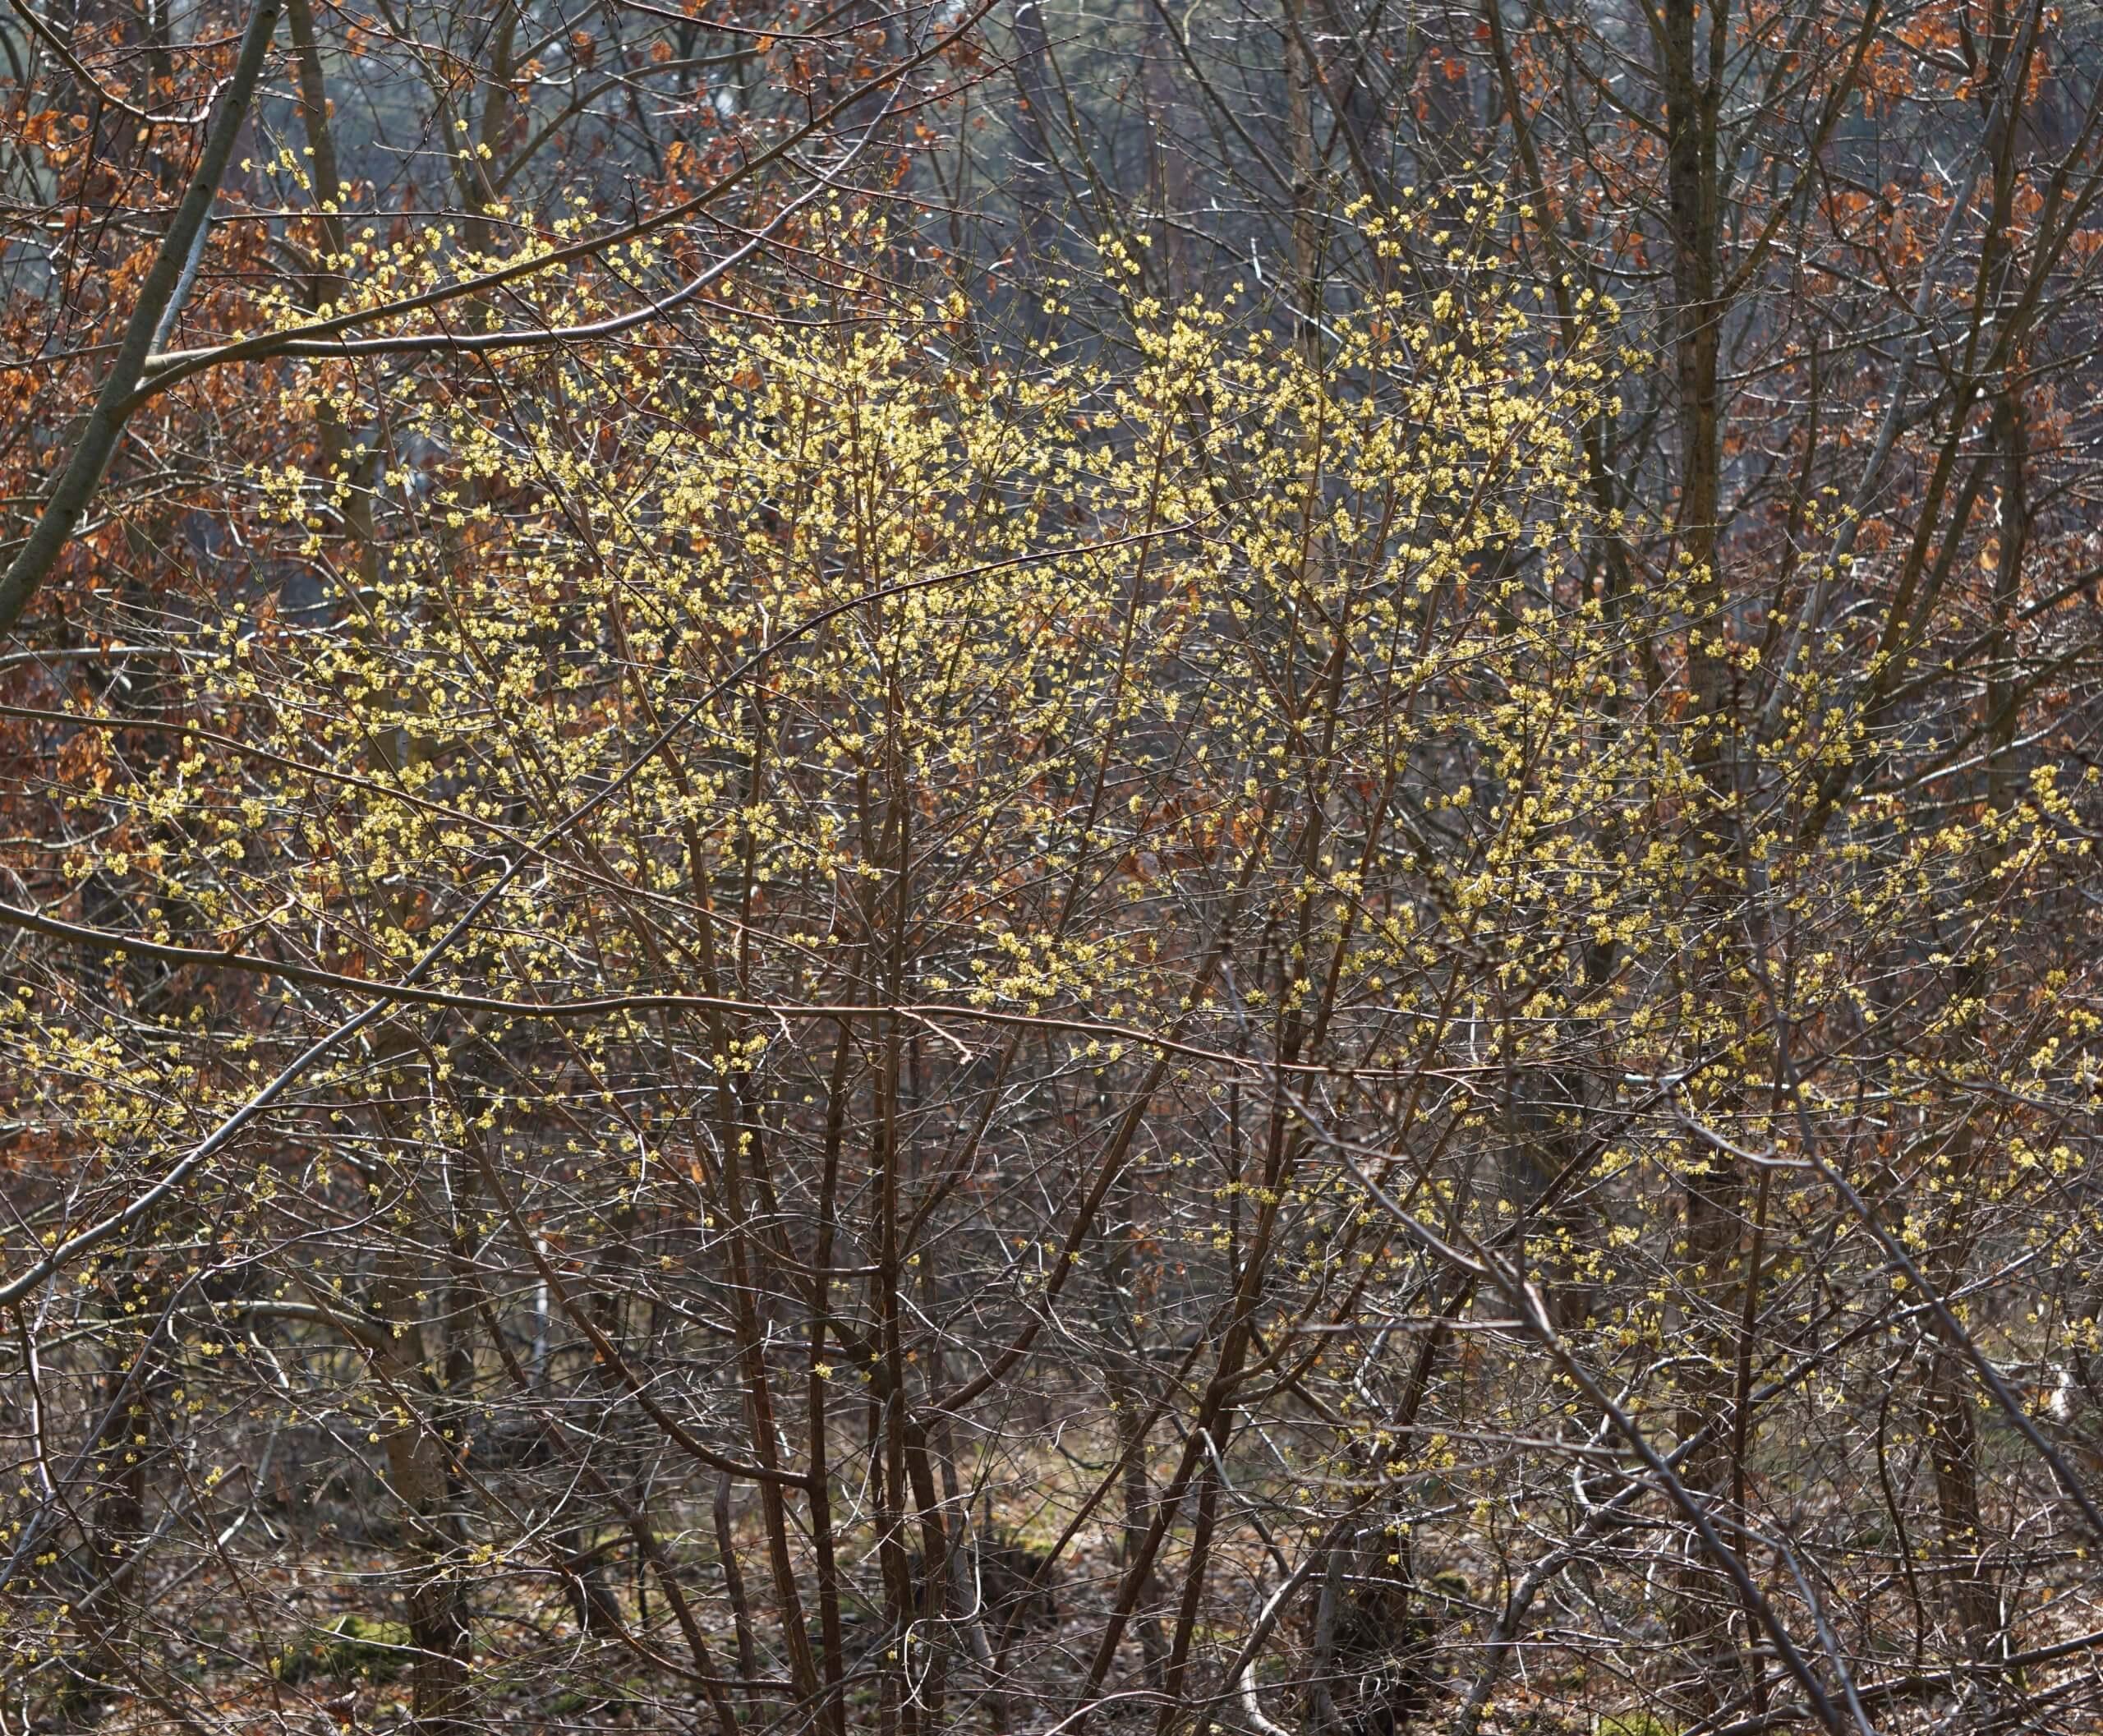 Das Bild zeigt einen Strauch einer abblühenden Kornelkirsche als Unterbau in einem Kiefern-Eichen-Ahorn-Mischwald in den Seddinbergen bei Müggelheim in den Berliner Forsten.